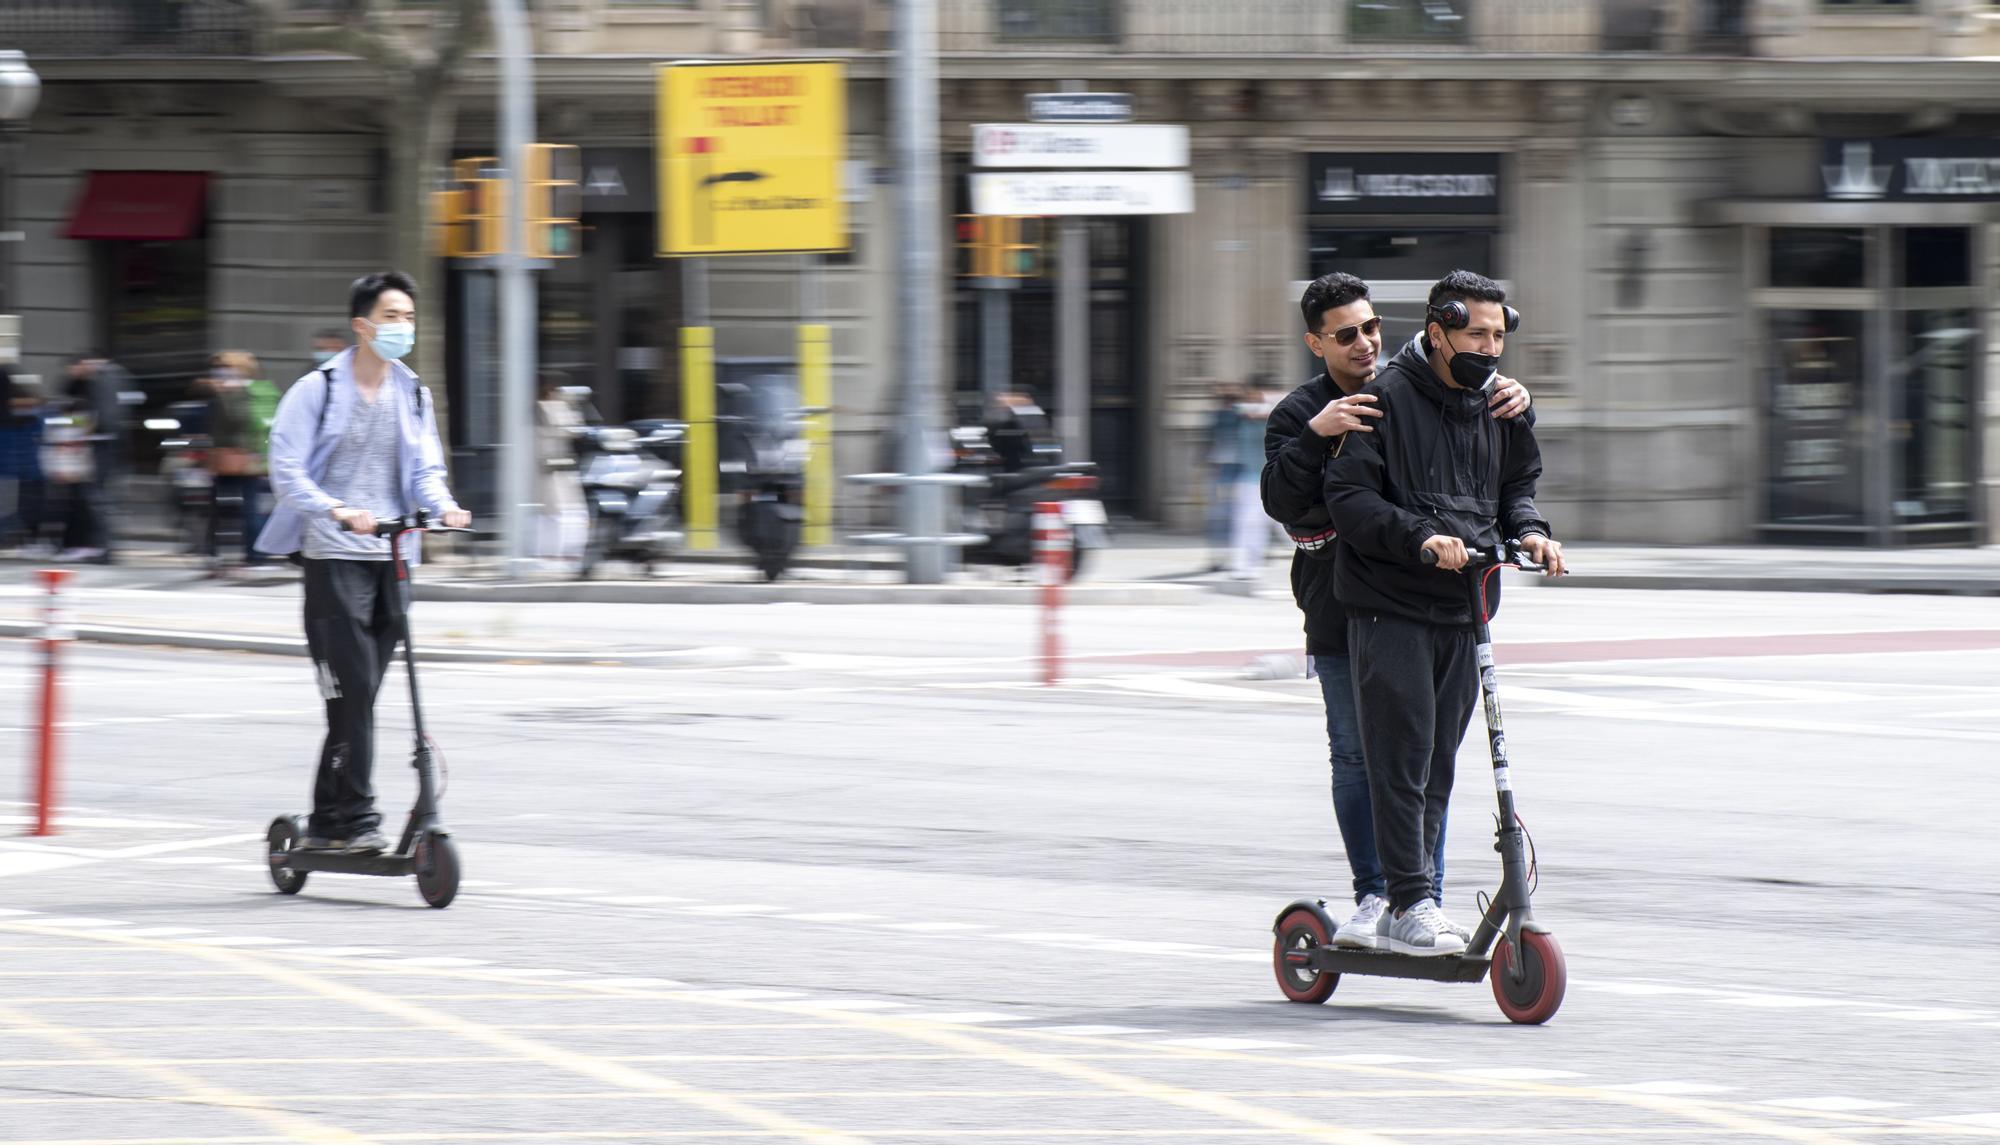 El patinete, uno más en el camarote de la selva urbana de Barcelona